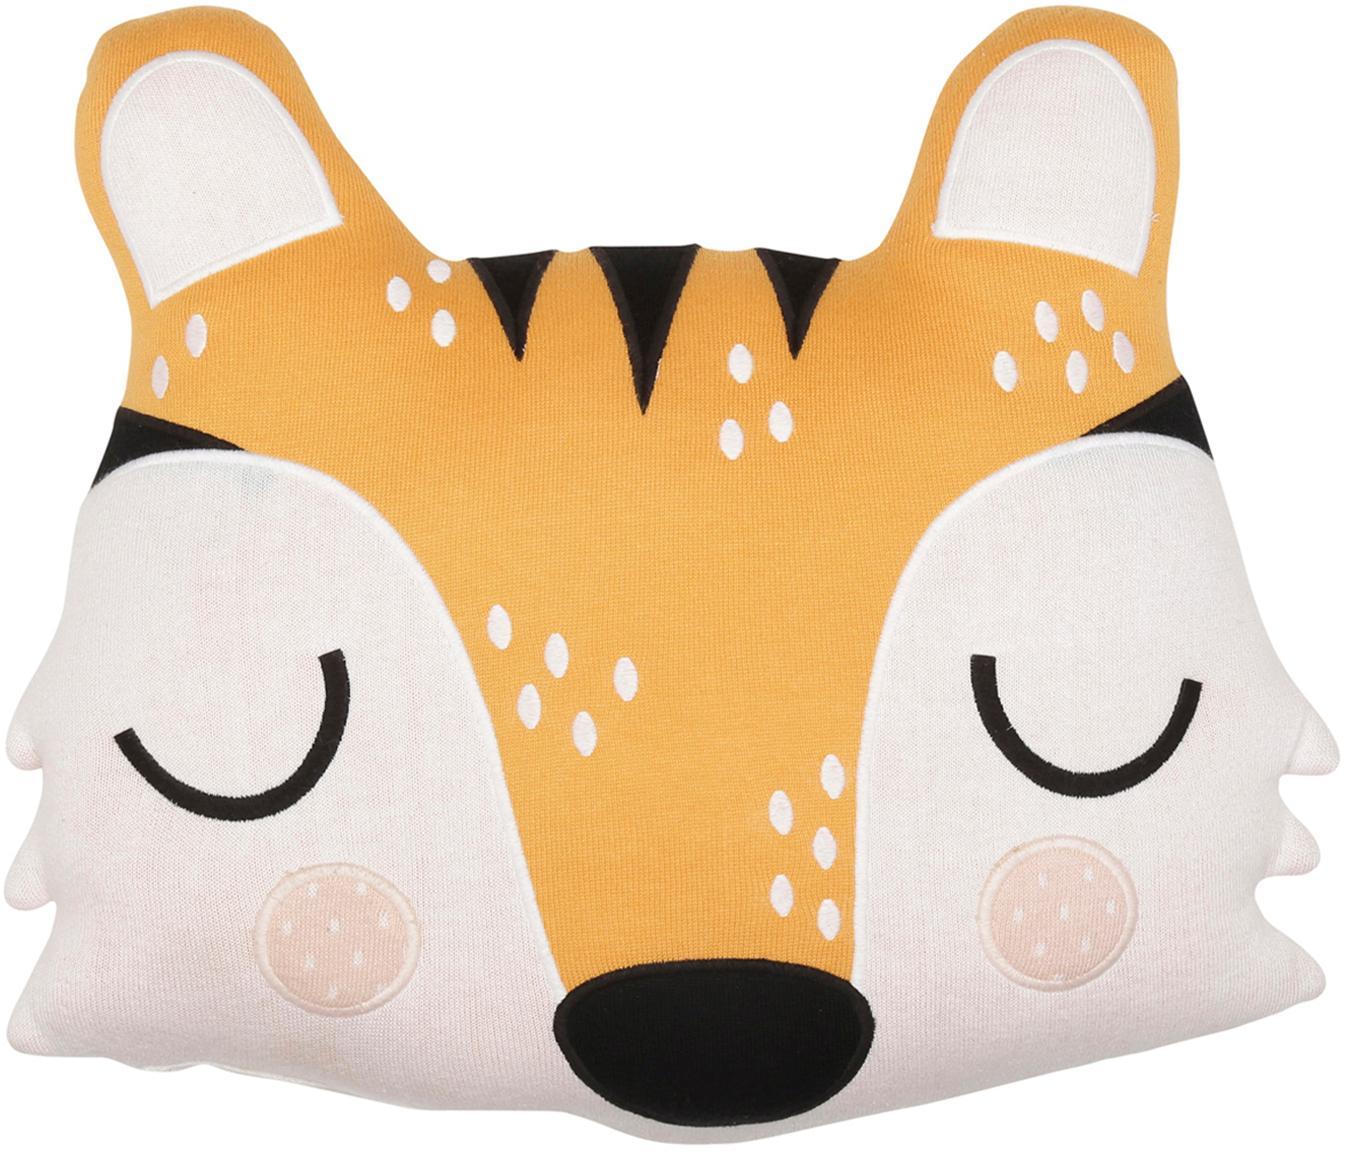 Kuschelkissen Tiger Theo aus Bio-Baumwolle, Bio-Baumwolle, GOTS-zertifiziert, Orange, Creme, Schwarz, 40 x 45 cm